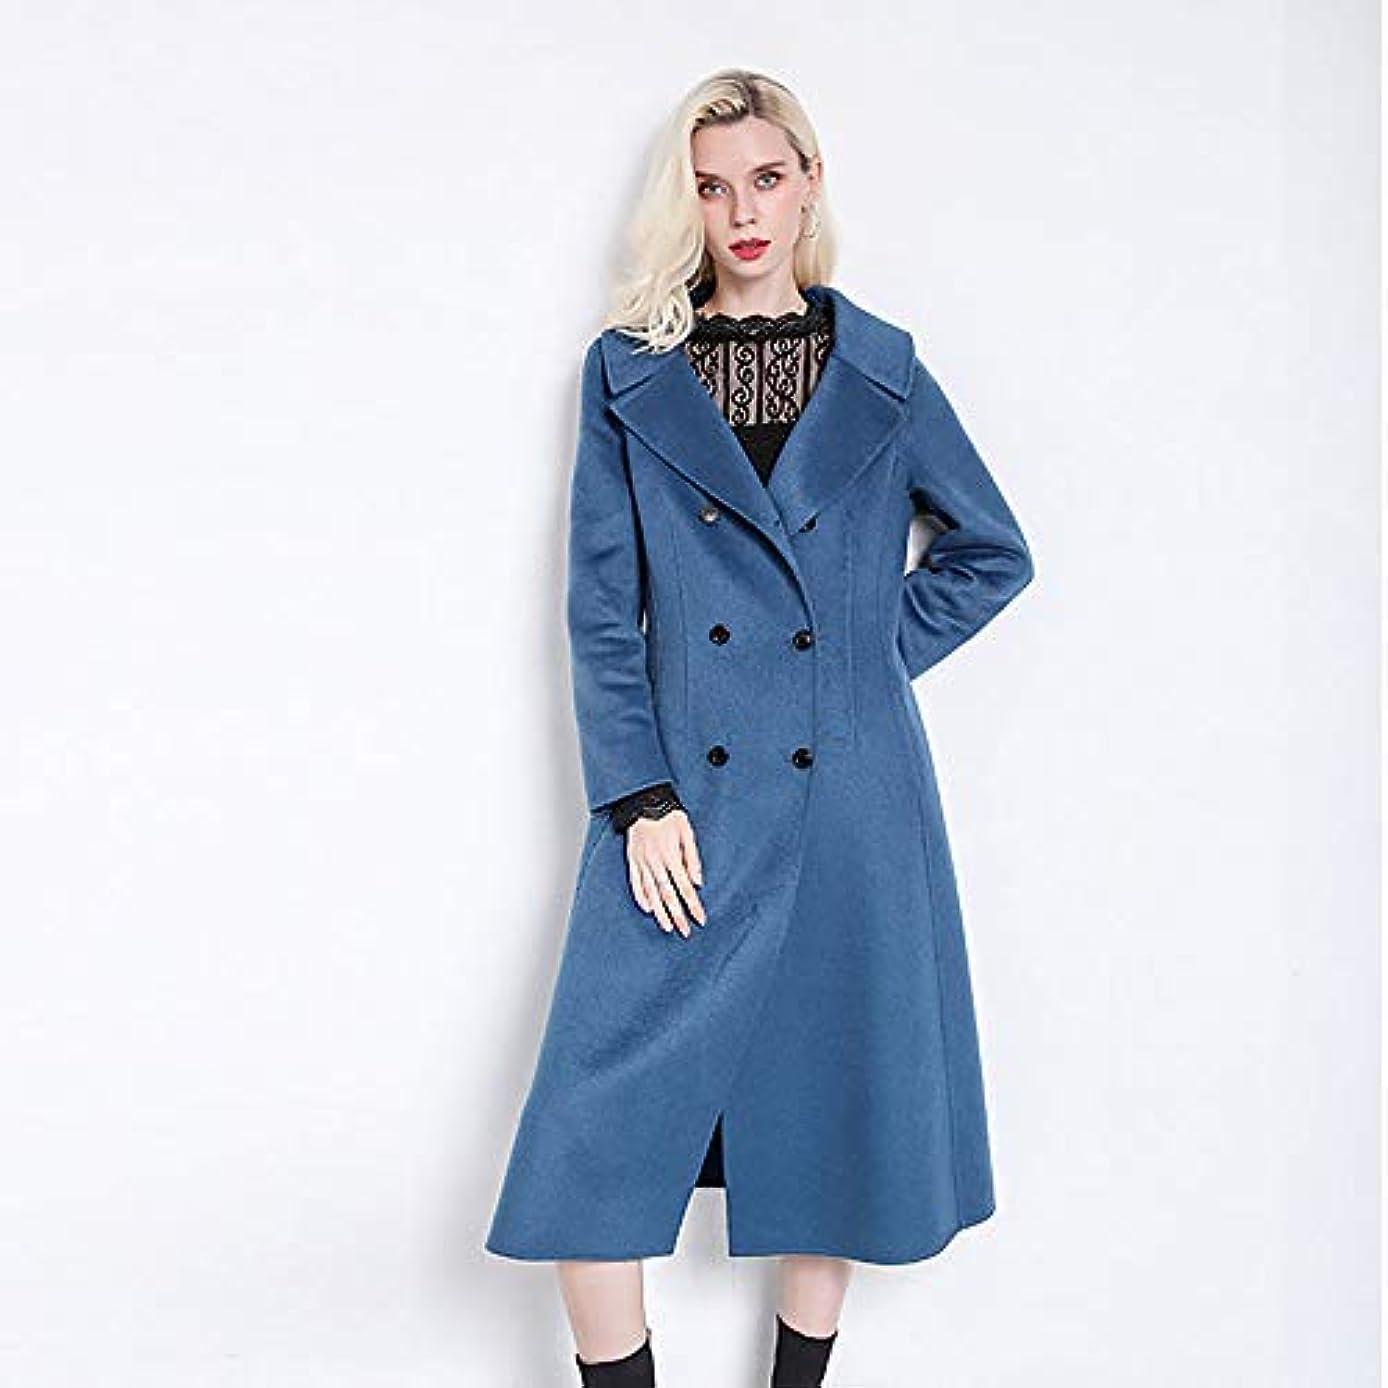 気を散らすコマンド持っているウールコート、秋と冬の新しいコート両面ウールコートレディースジャケットレディース?コートレディースウインドブレーカージャケット,ブルー,XL